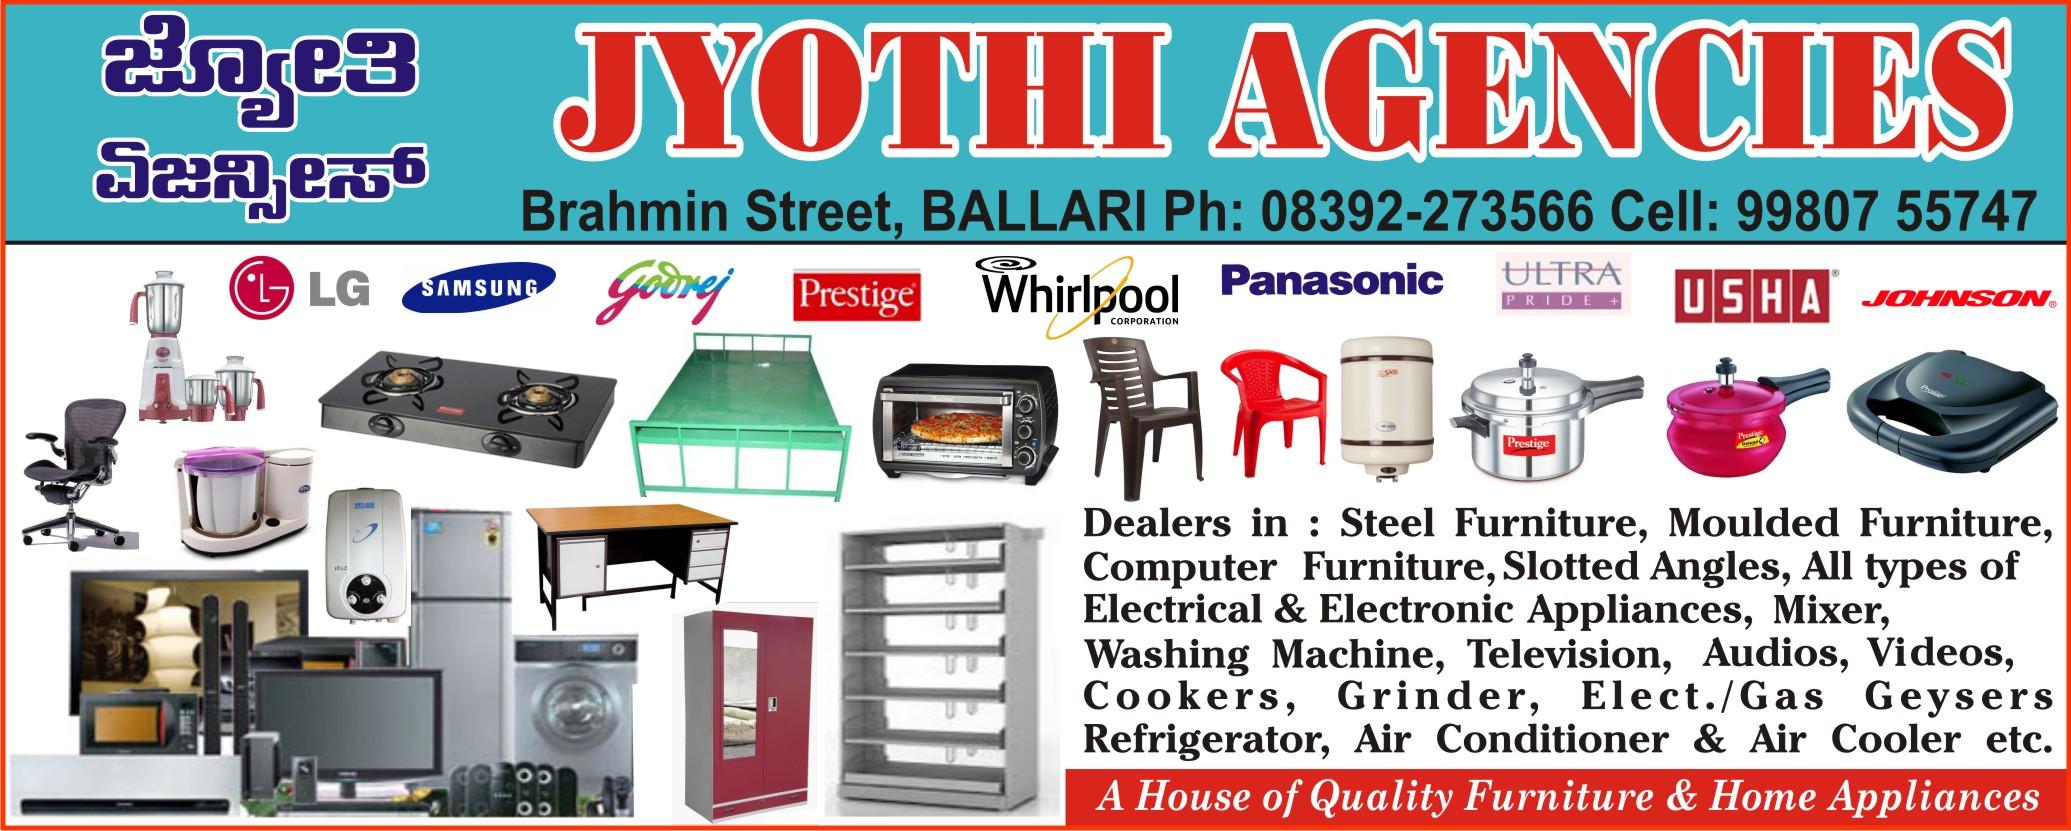 Jyothi Agencies